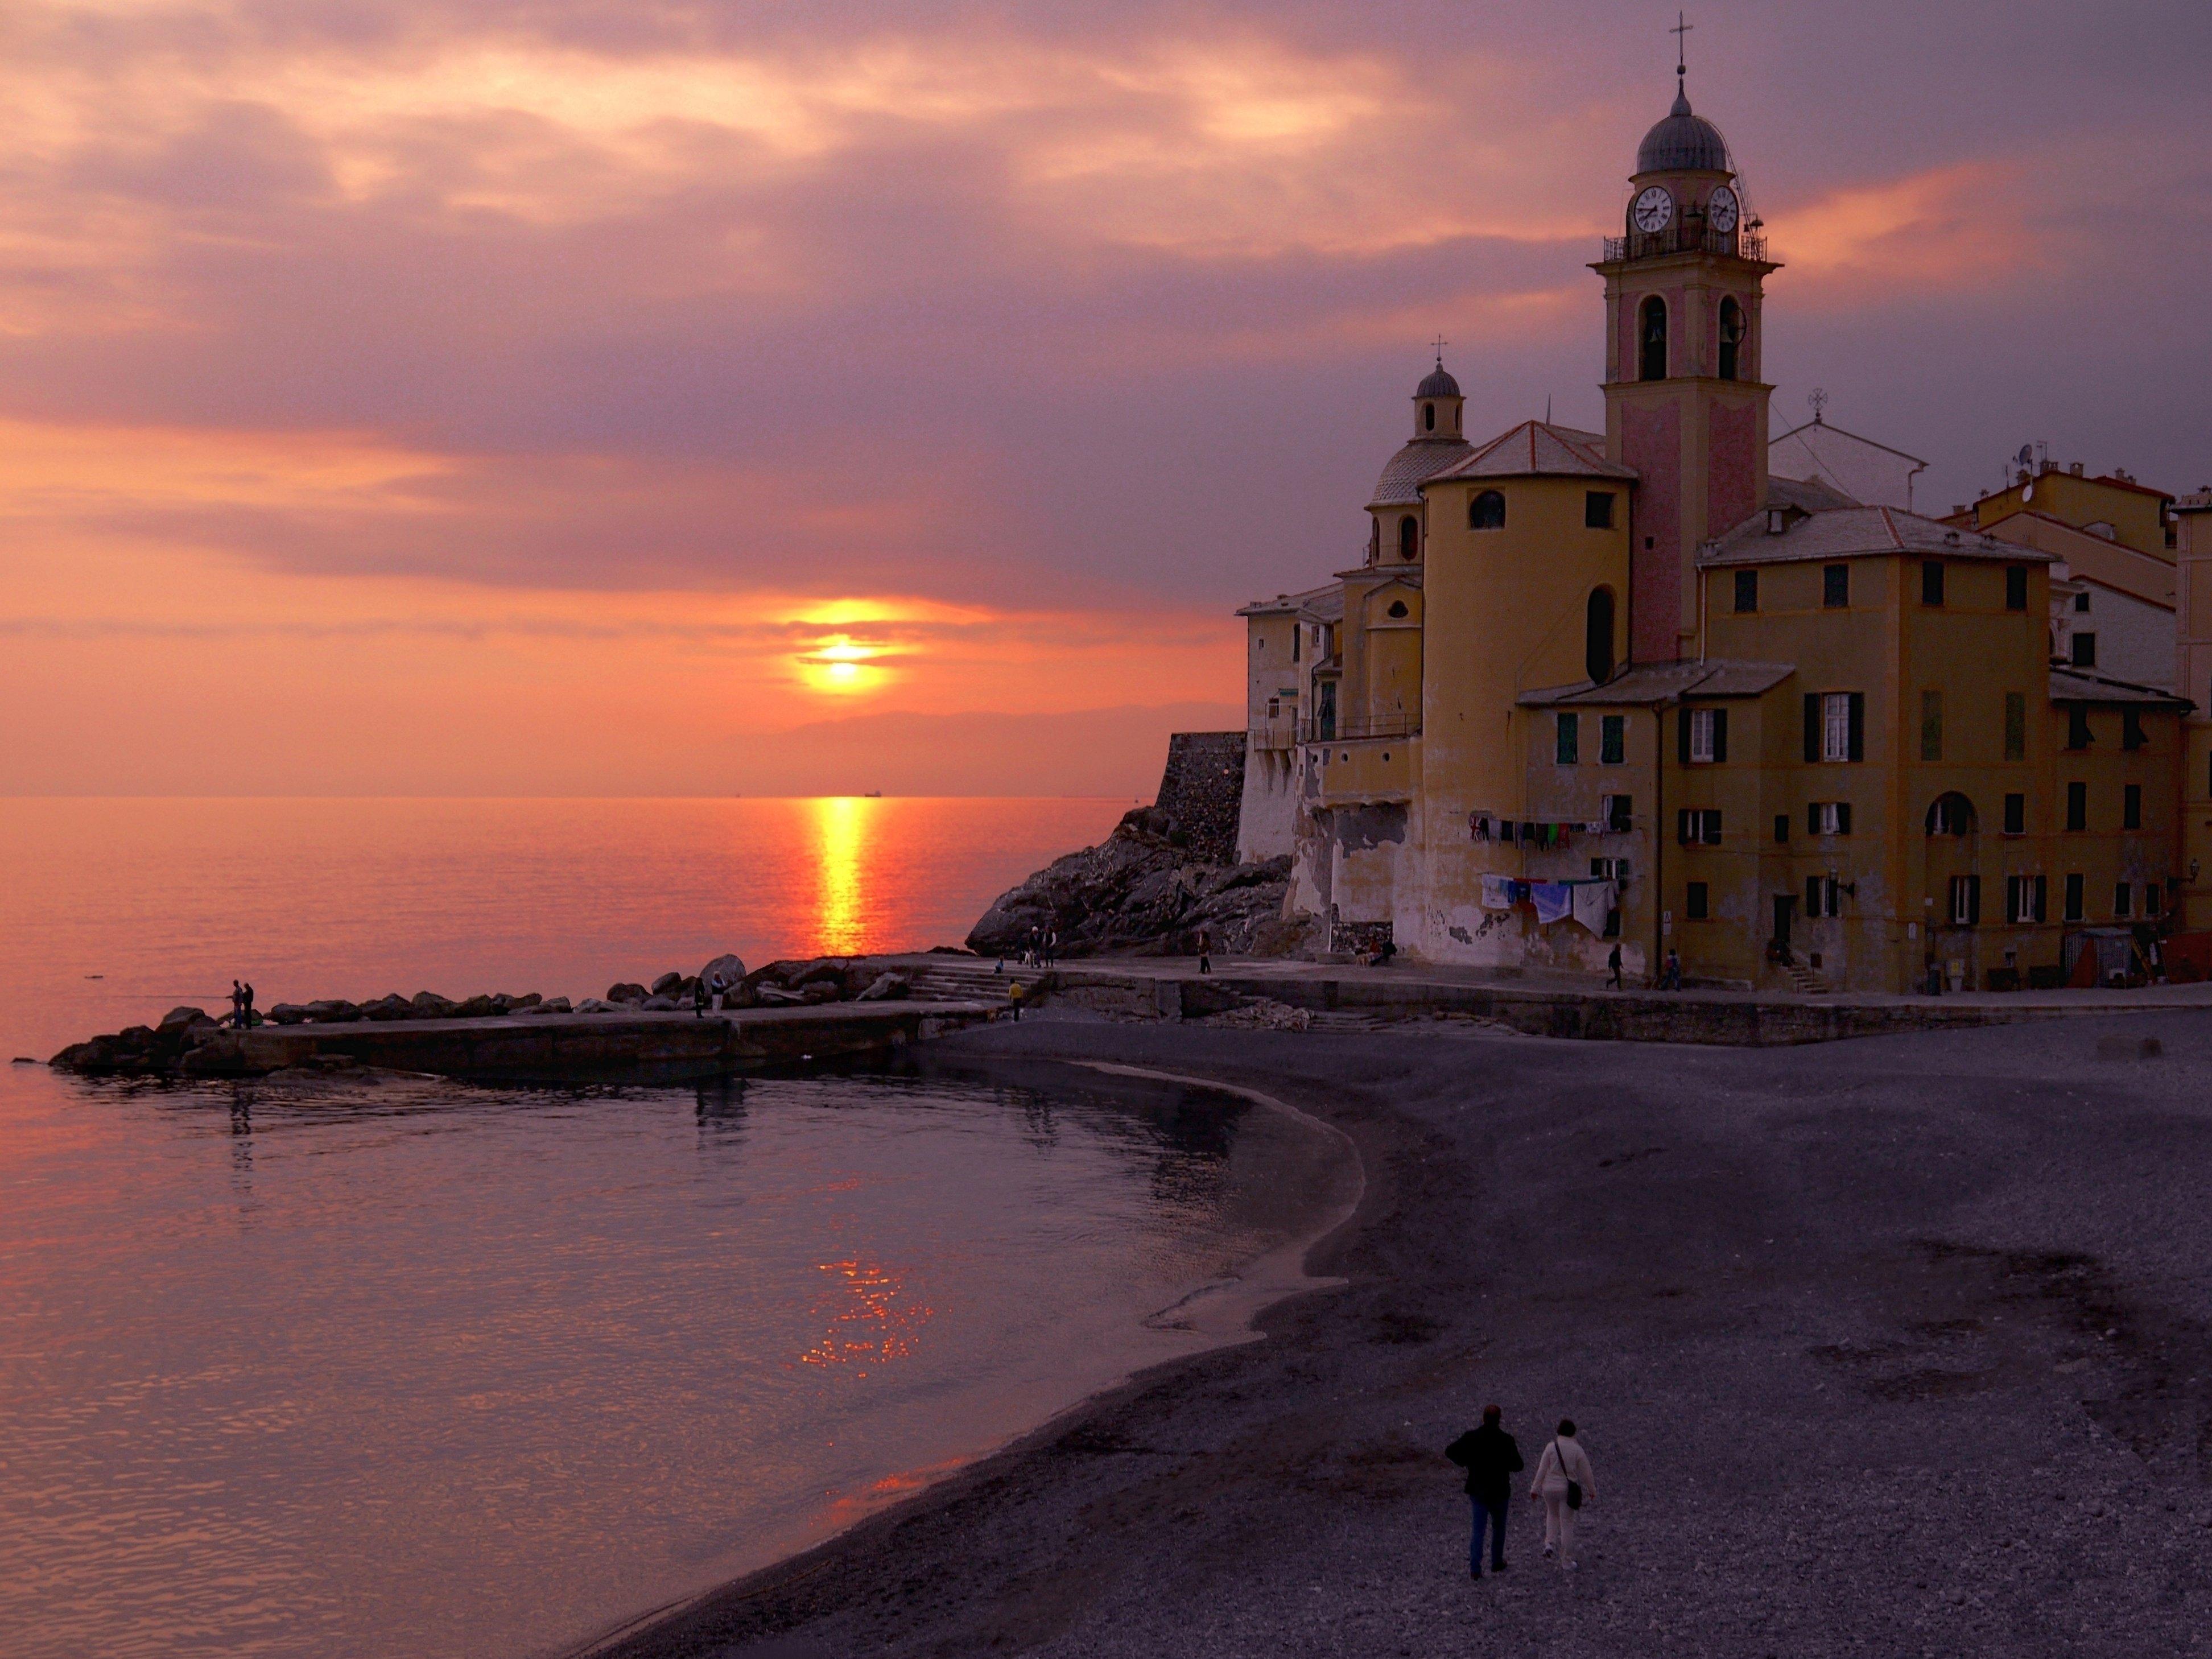 Un momento indimenticabile a Camogli - Concorso fotografico: Concorso fotografico Cieli d'Italia